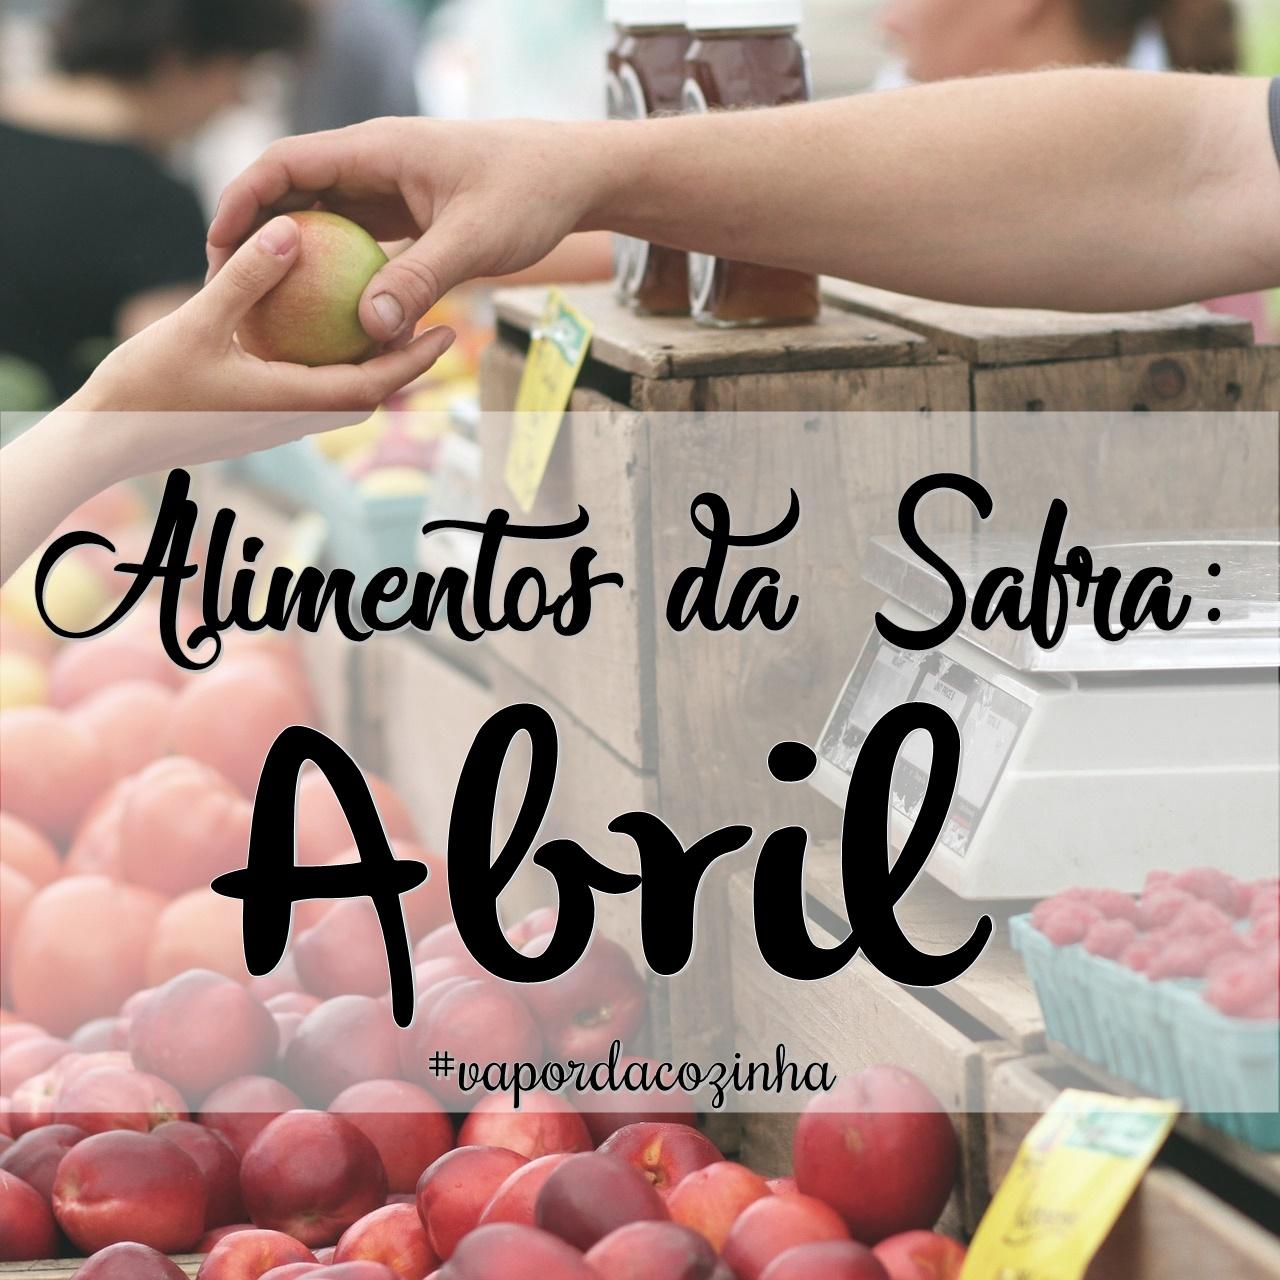 Saiba quais são os alimentos da Safra de Abril